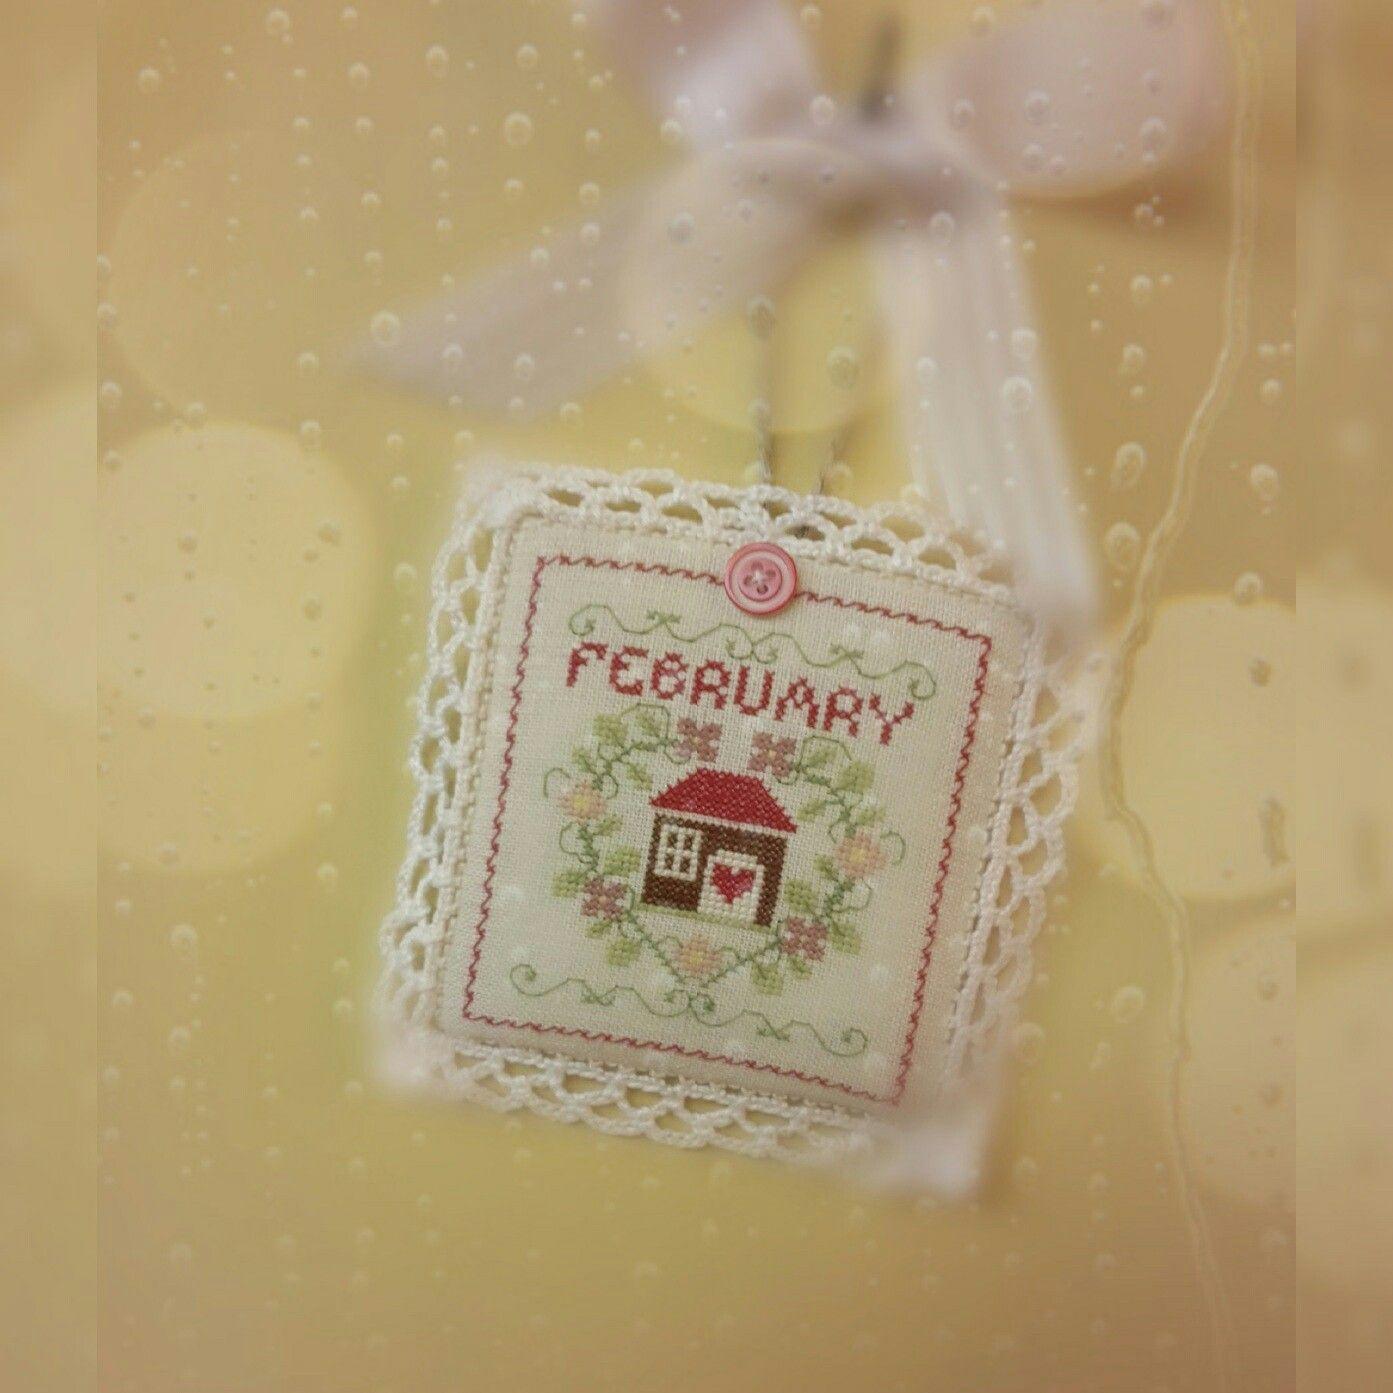 Mese di.febbraio